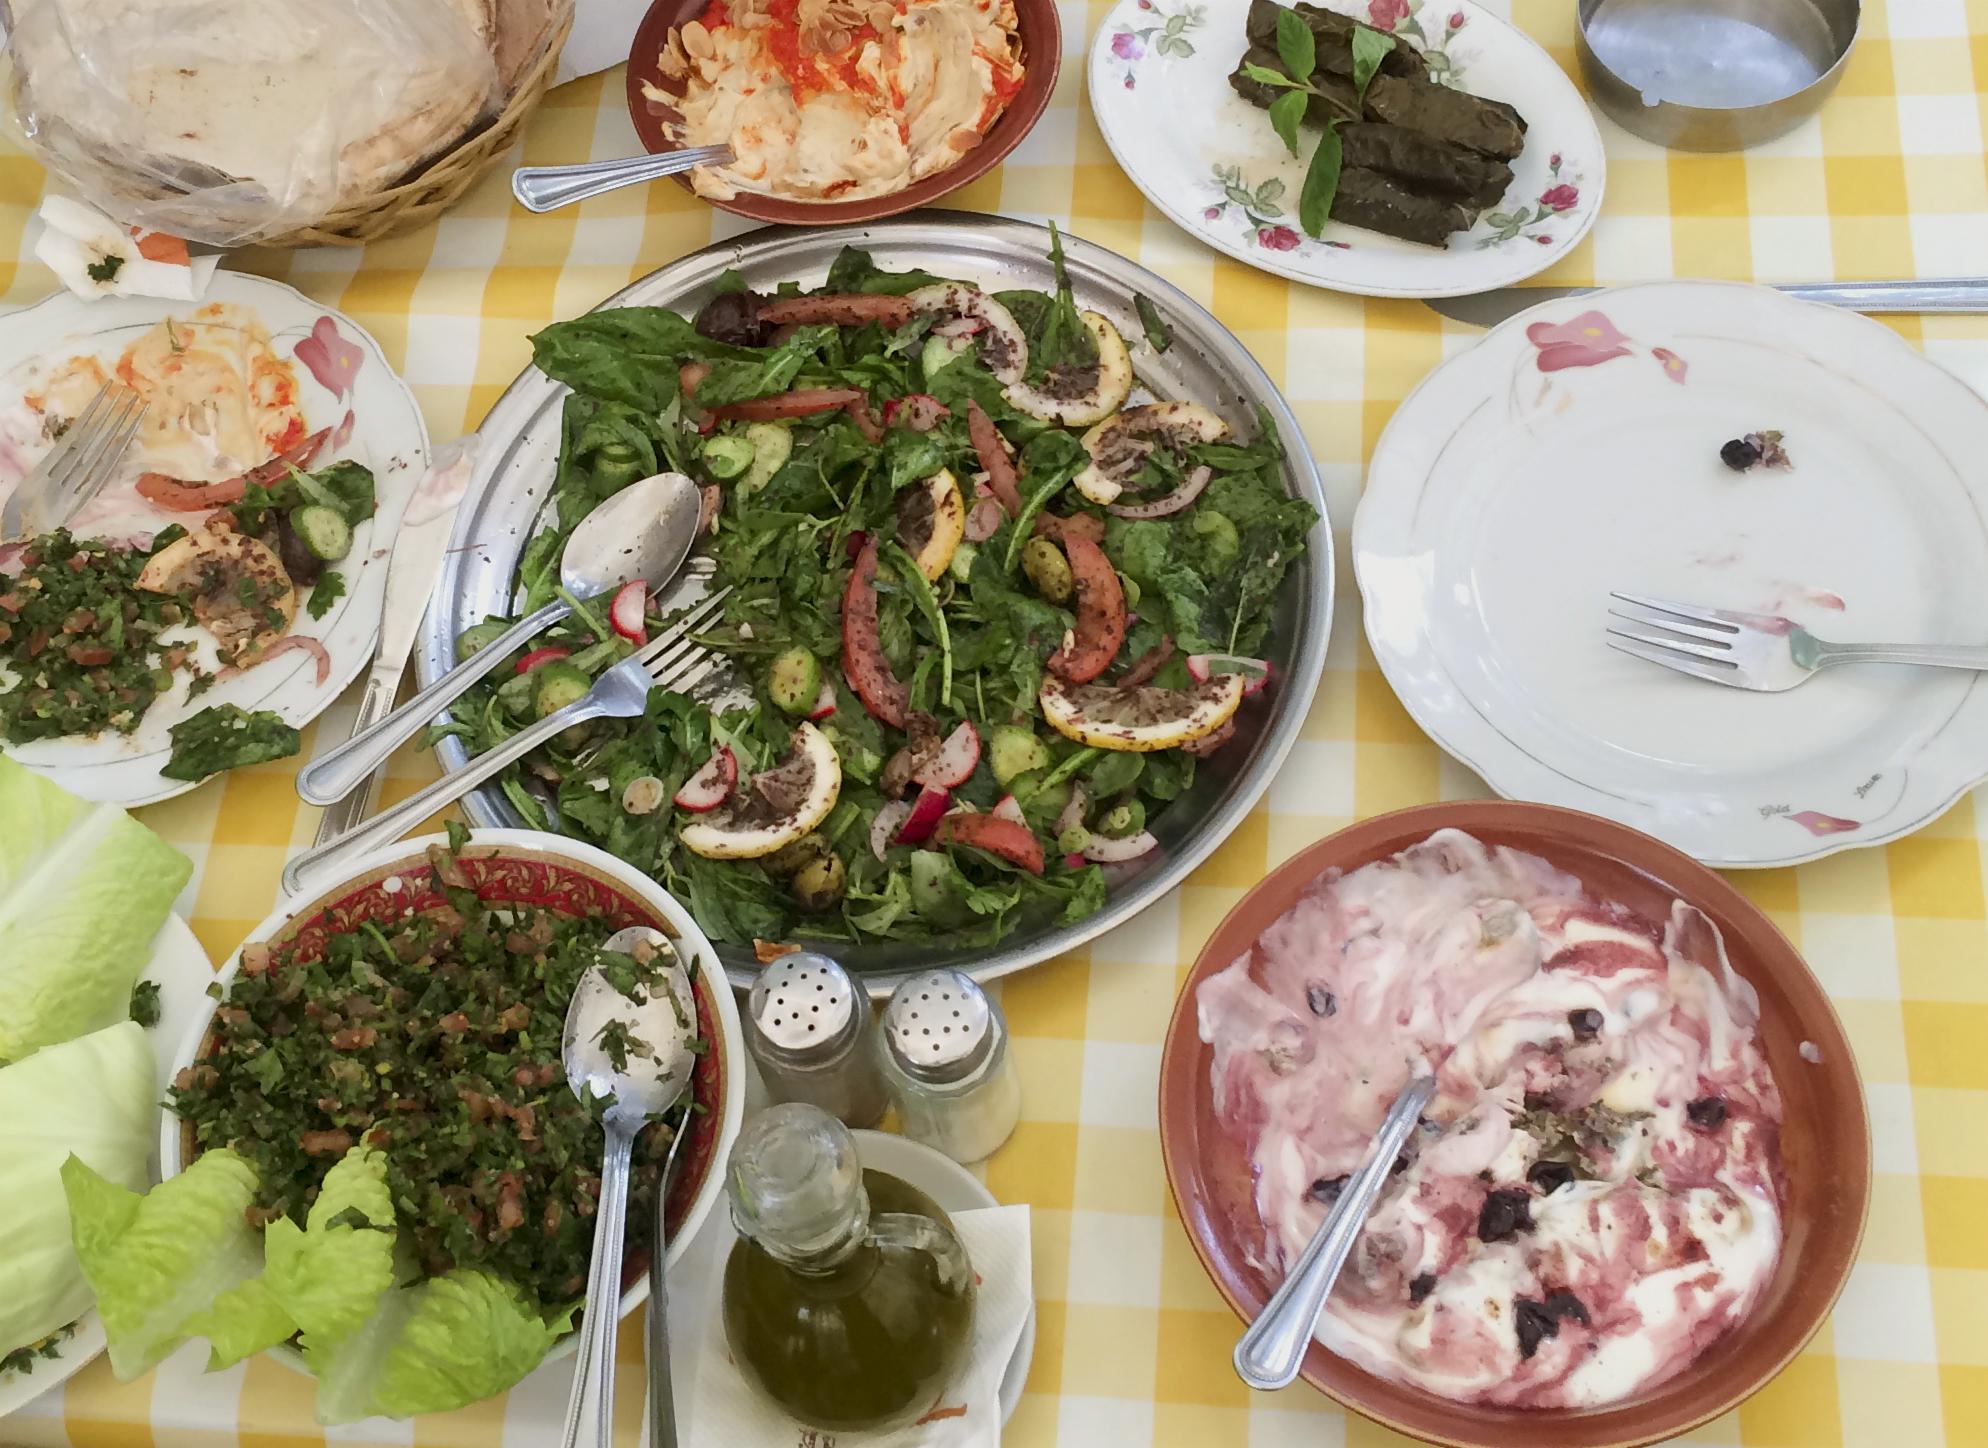 The spread at Al Falamanki.